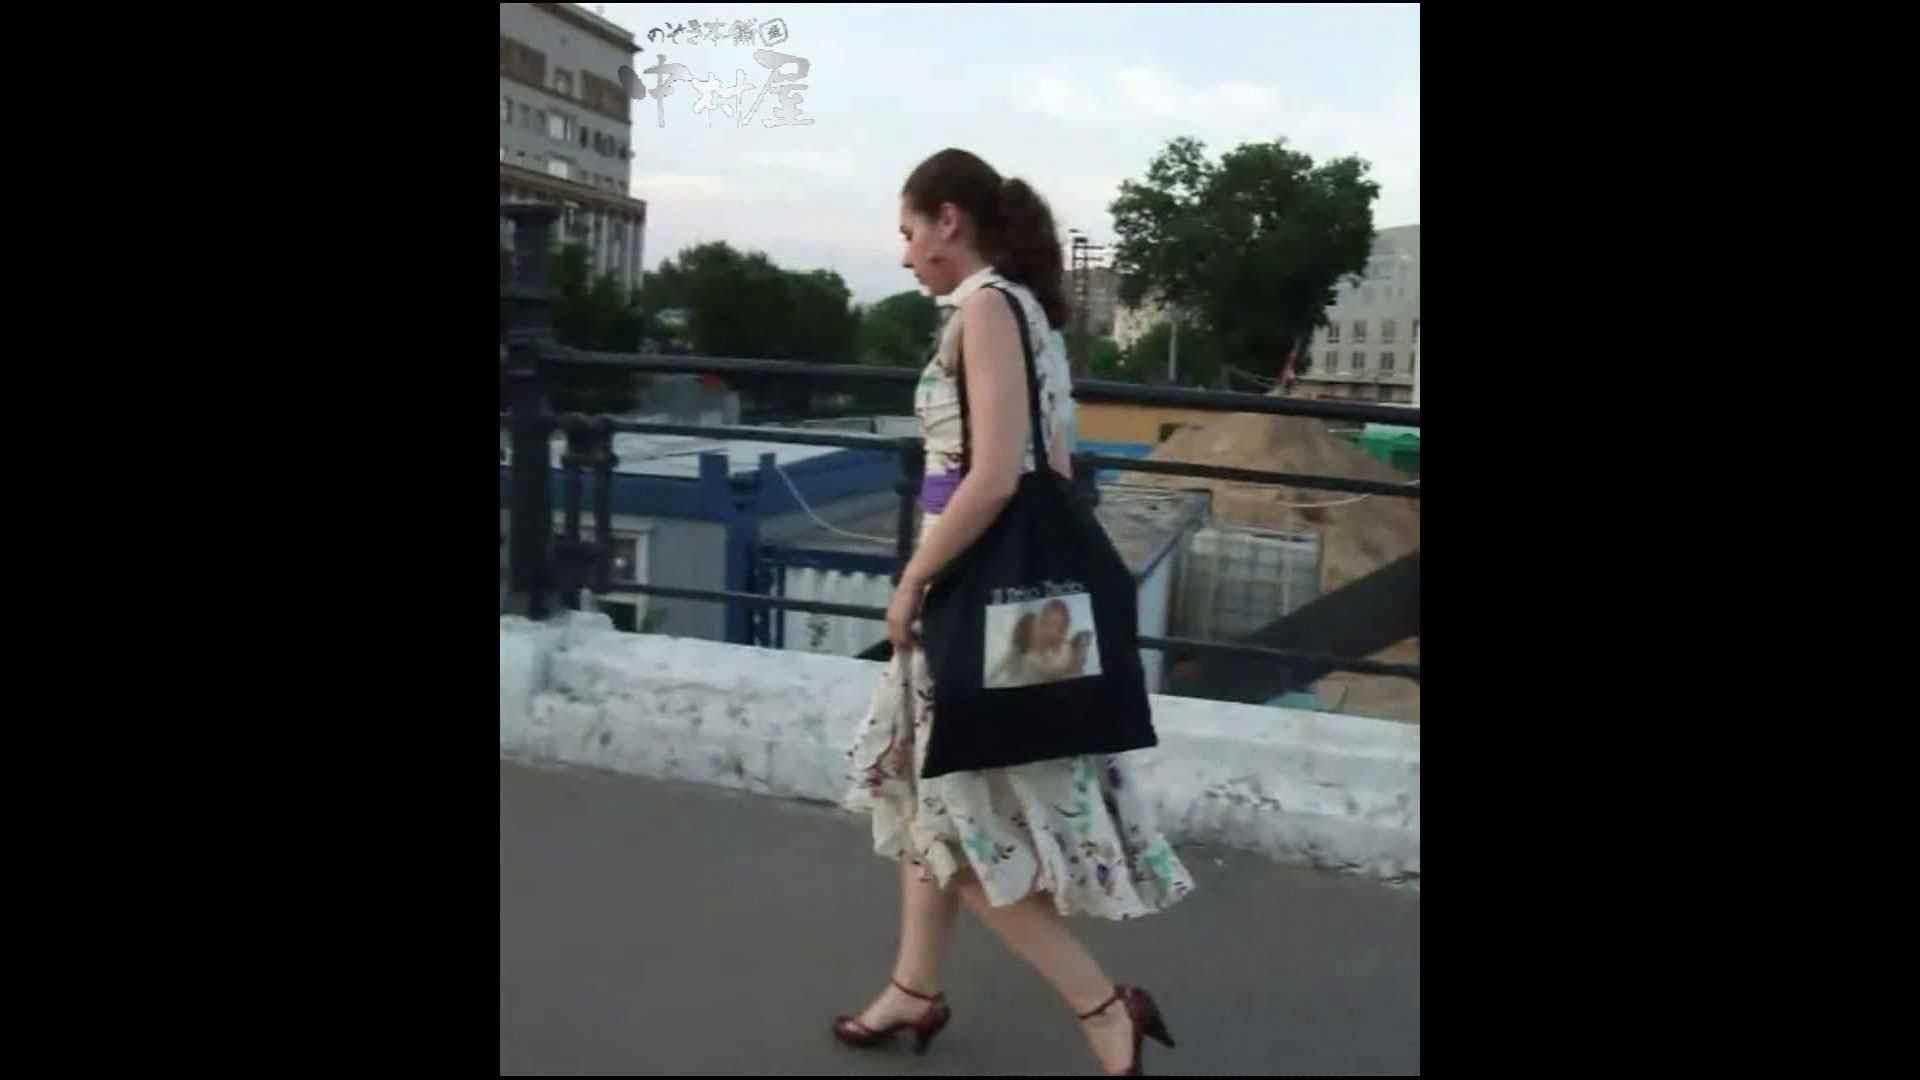 綺麗なモデルさんのスカート捲っちゃおう‼ vol23 お姉さんヌード  66画像 8